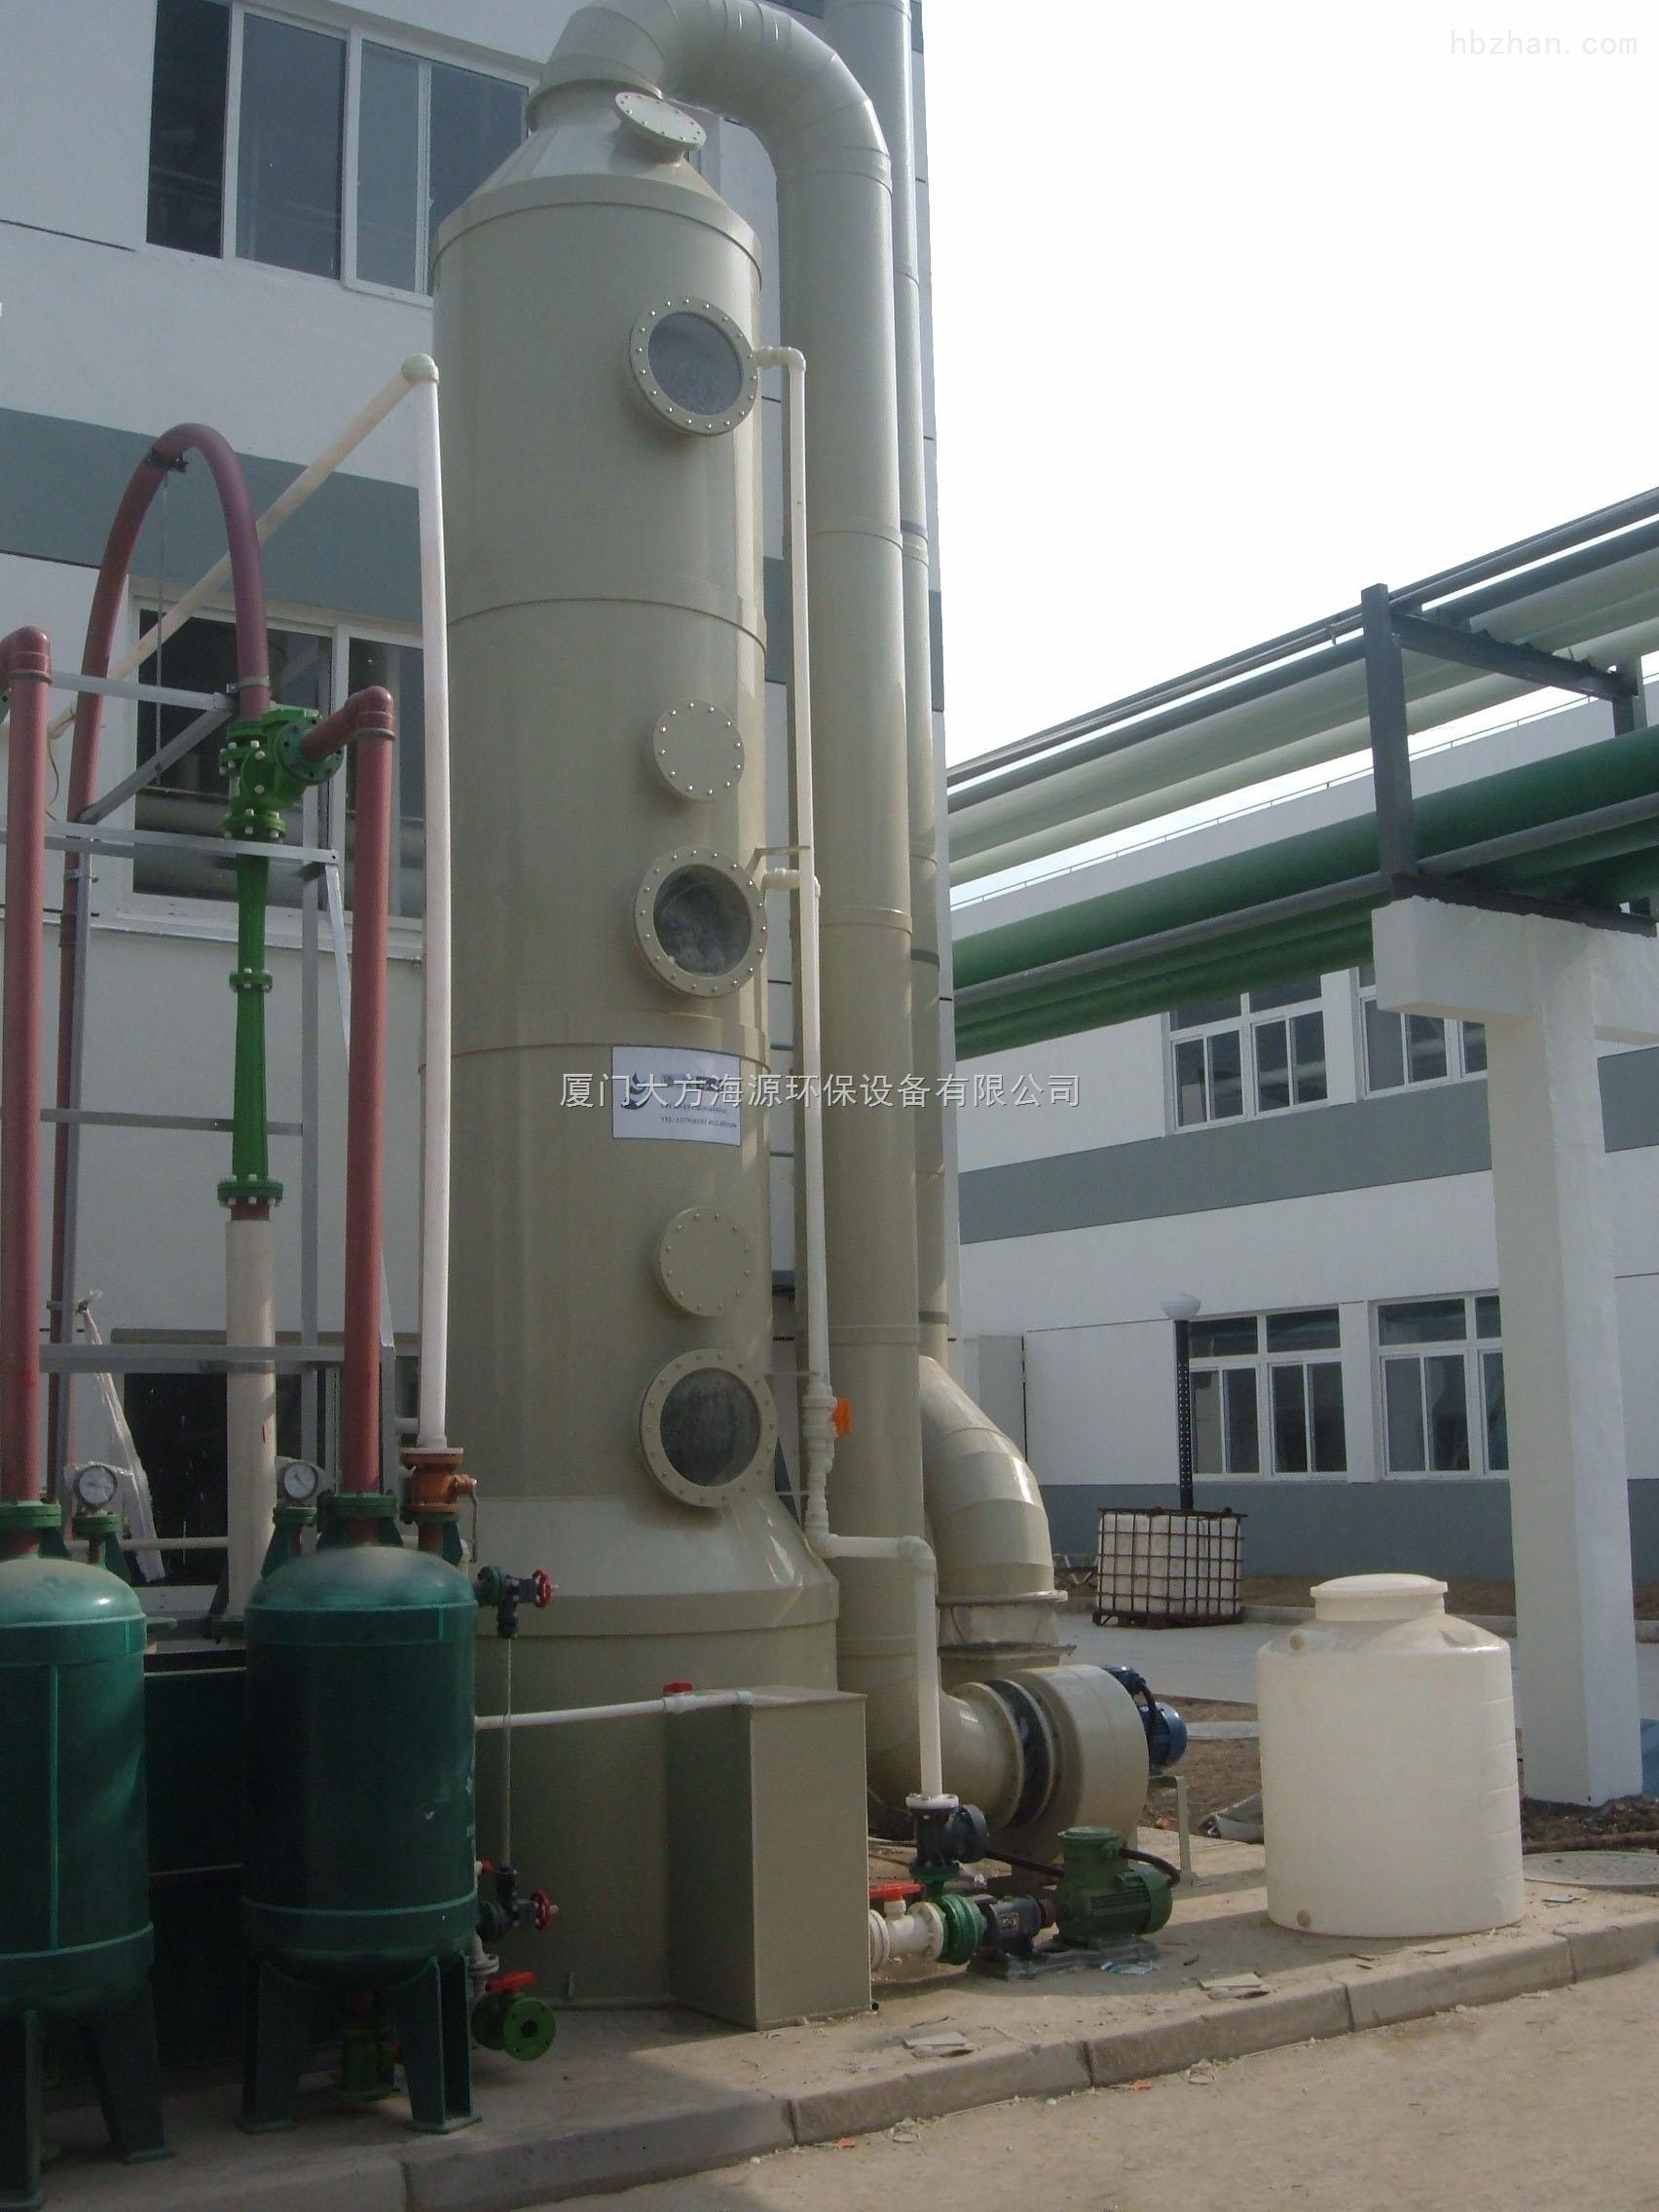 dfhy 塑料废气处理洗涤塔塑料填料喷淋塔塑料废气处理喷淋塔环保设备